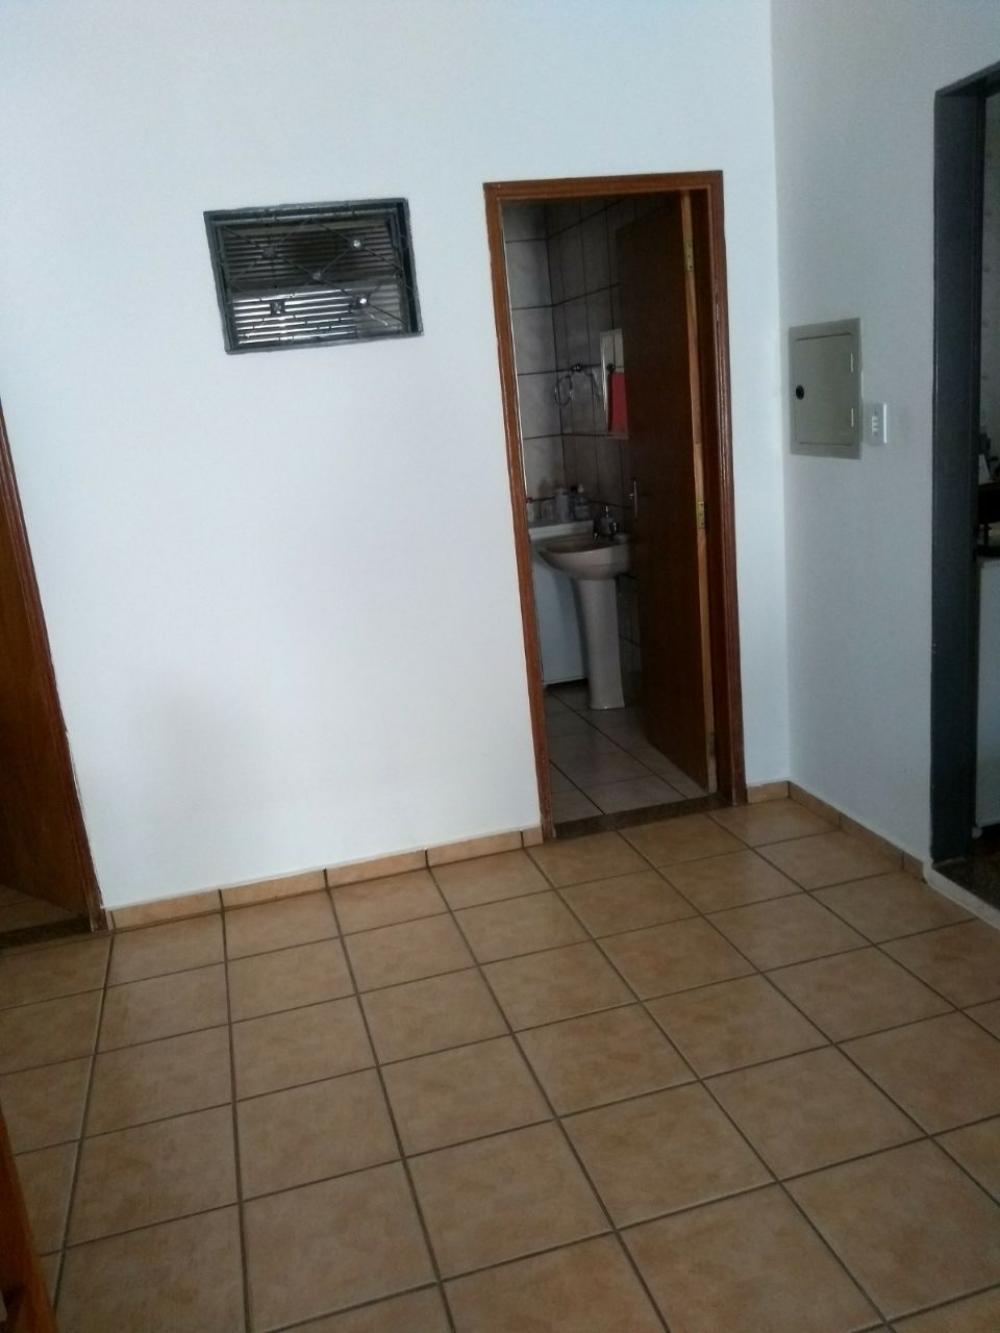 Comprar Casa / Padrão em SAO JOSE DO RIO PRETO apenas R$ 300.000,00 - Foto 10